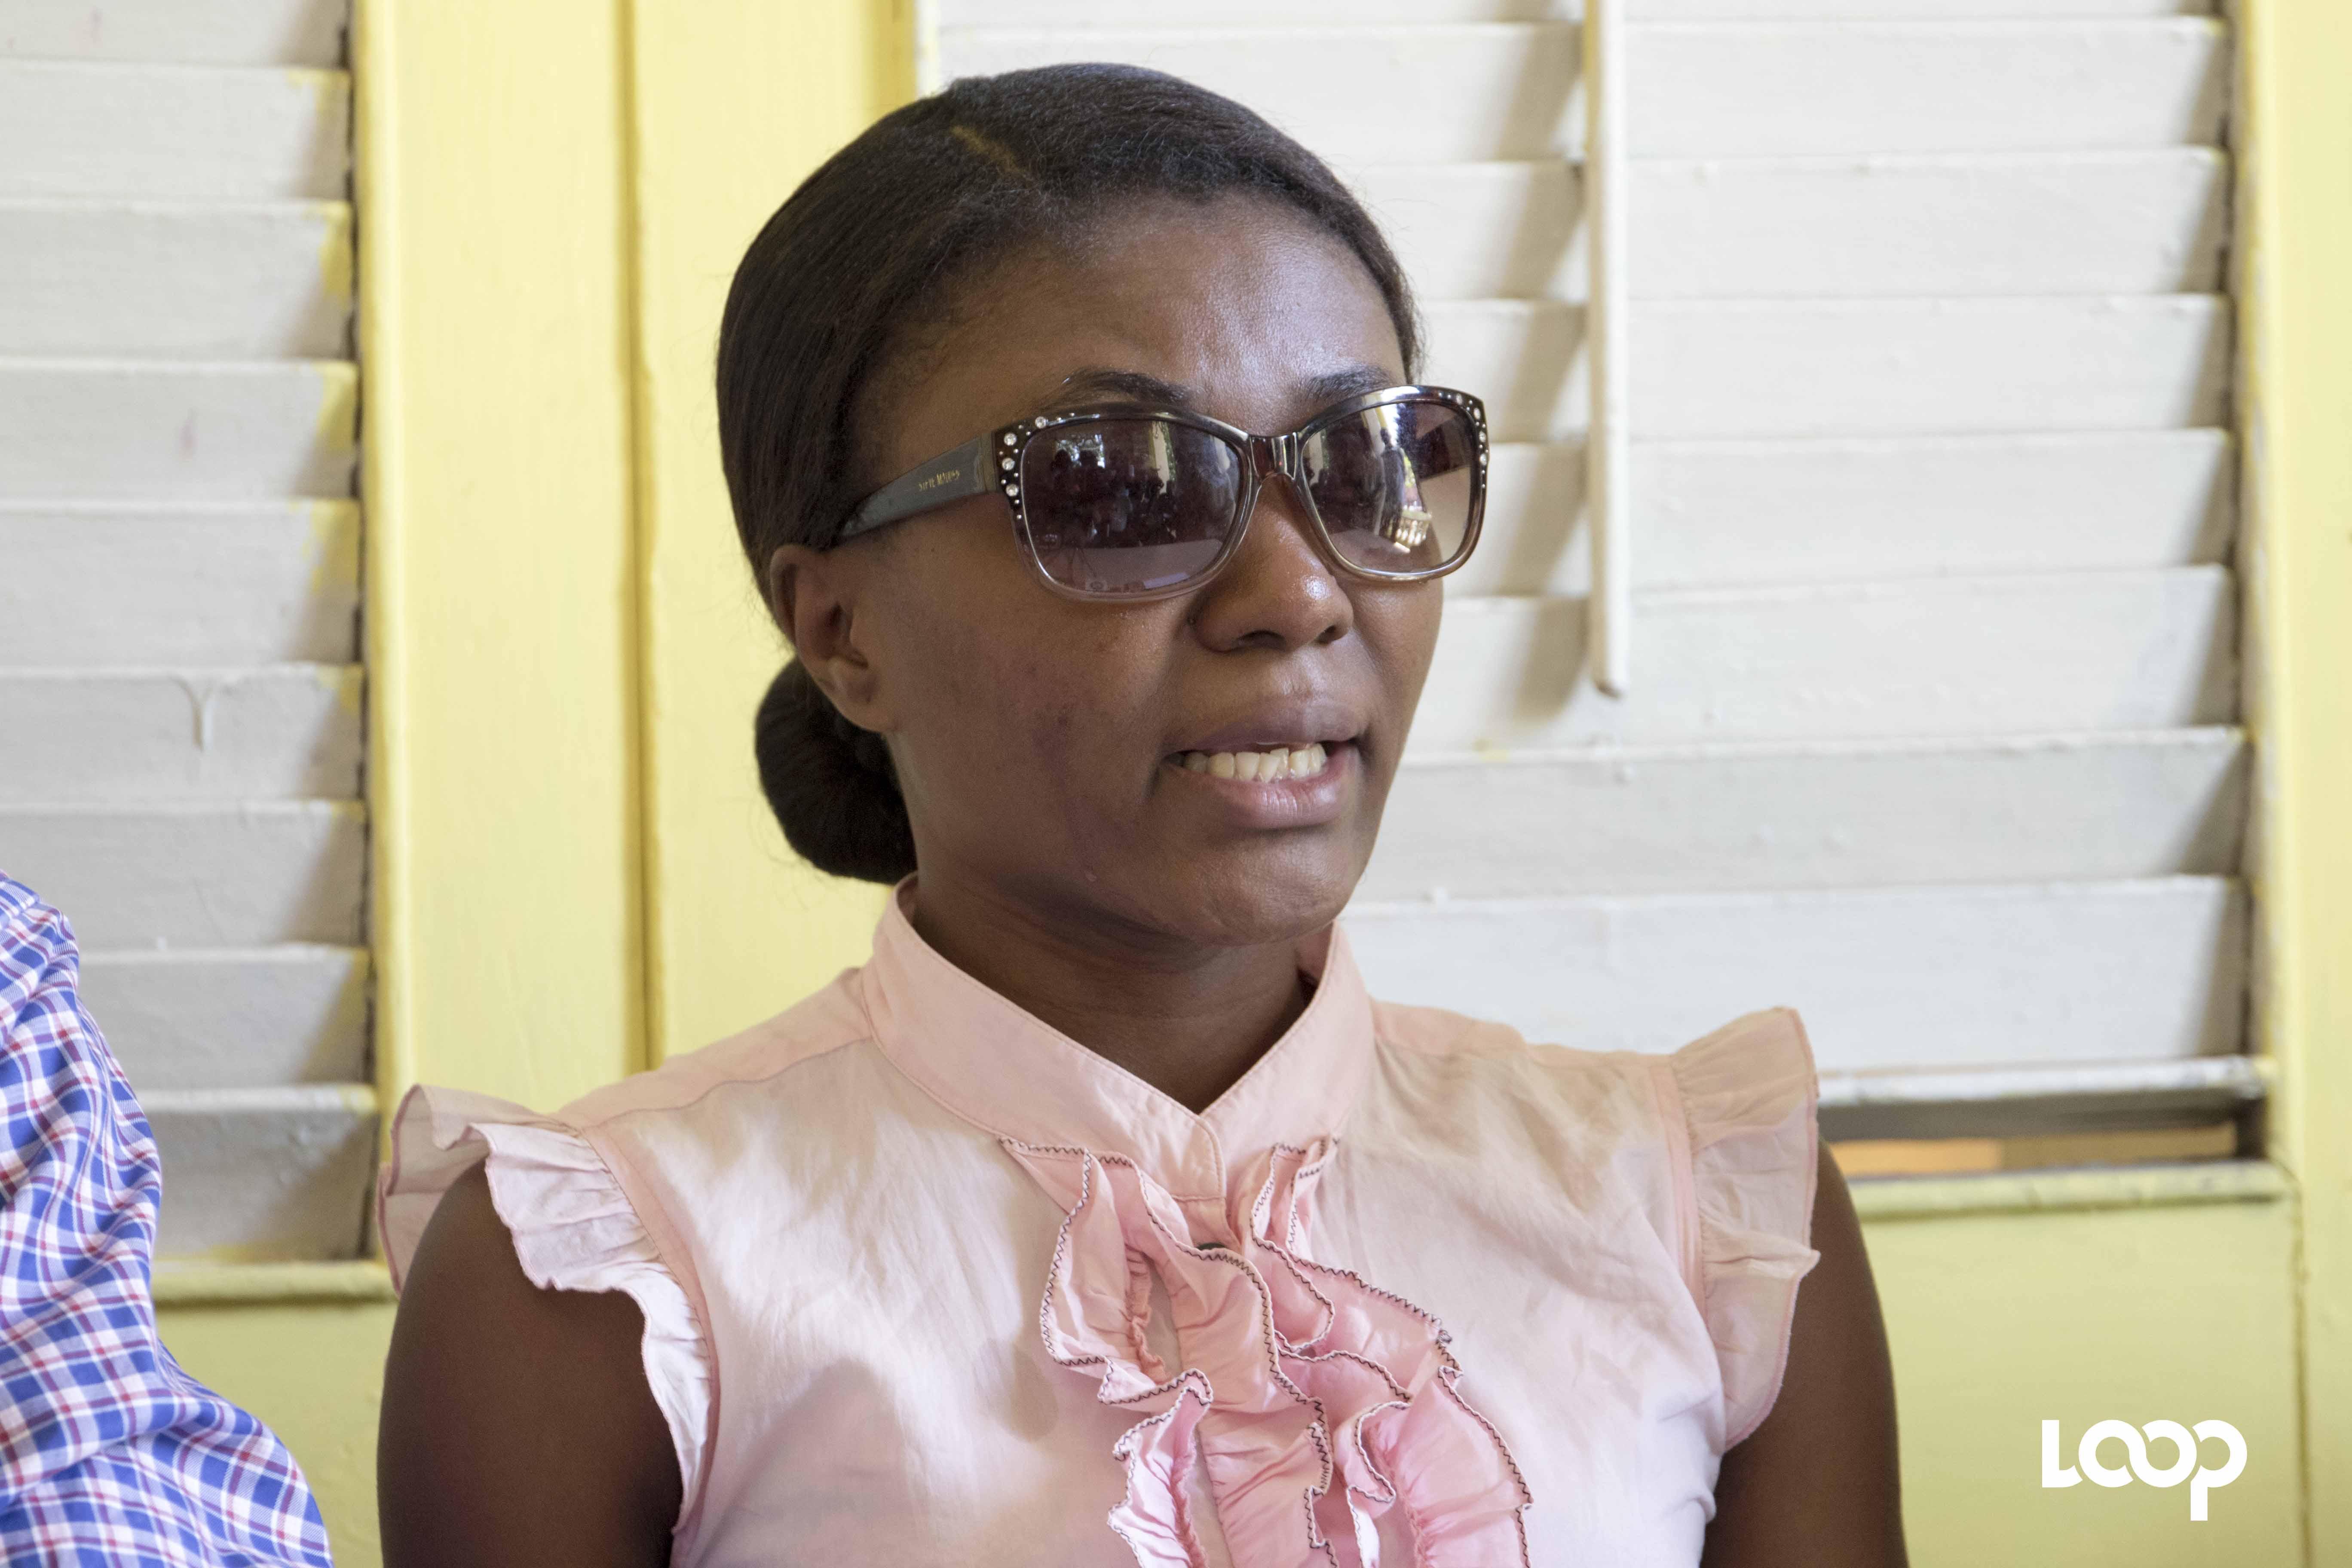 La disparition de Vladjimir Legagneur a été rendue public ce mercredi par ses proches. La police nationale haïtienne a pour sa part indiqué à l'AFP qu'elle n'était à ce stade pas en mesure de fournir des éléments.